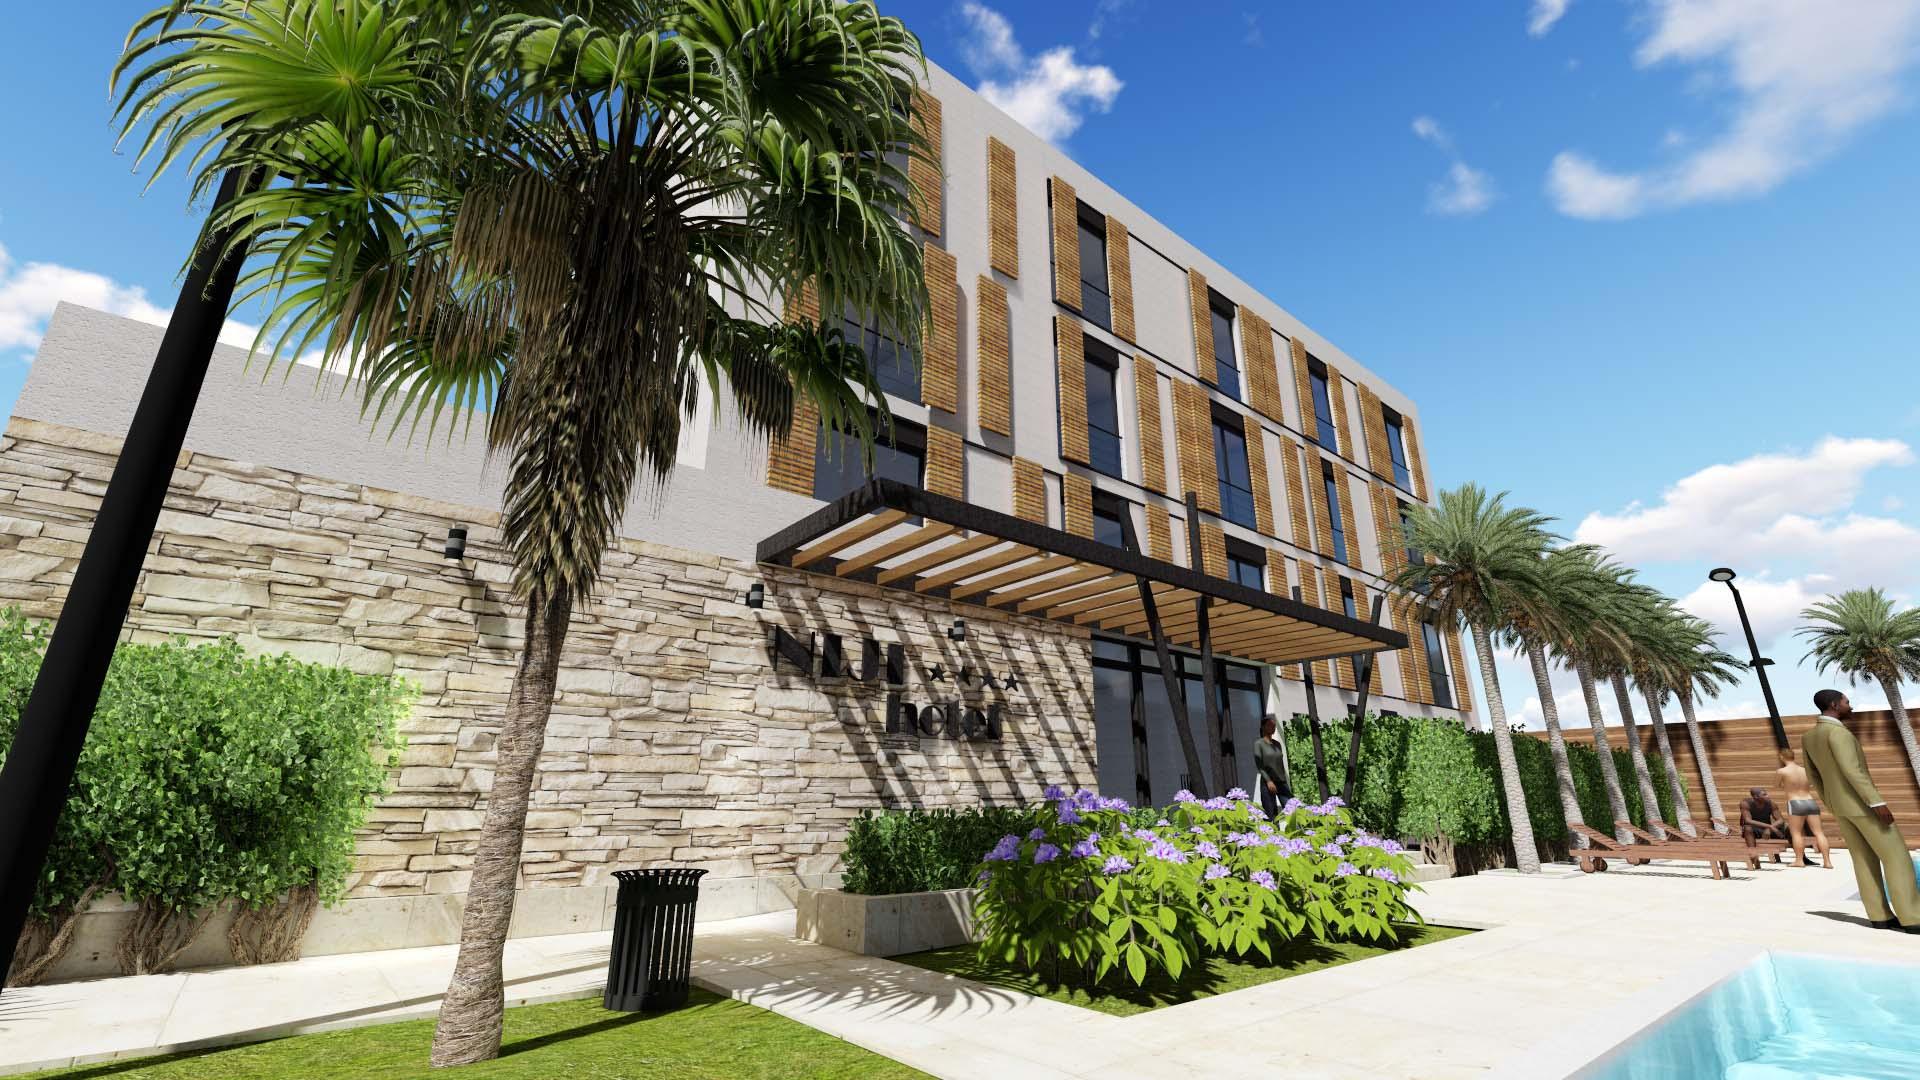 Hotel  NIJI 1 & NIJI 2